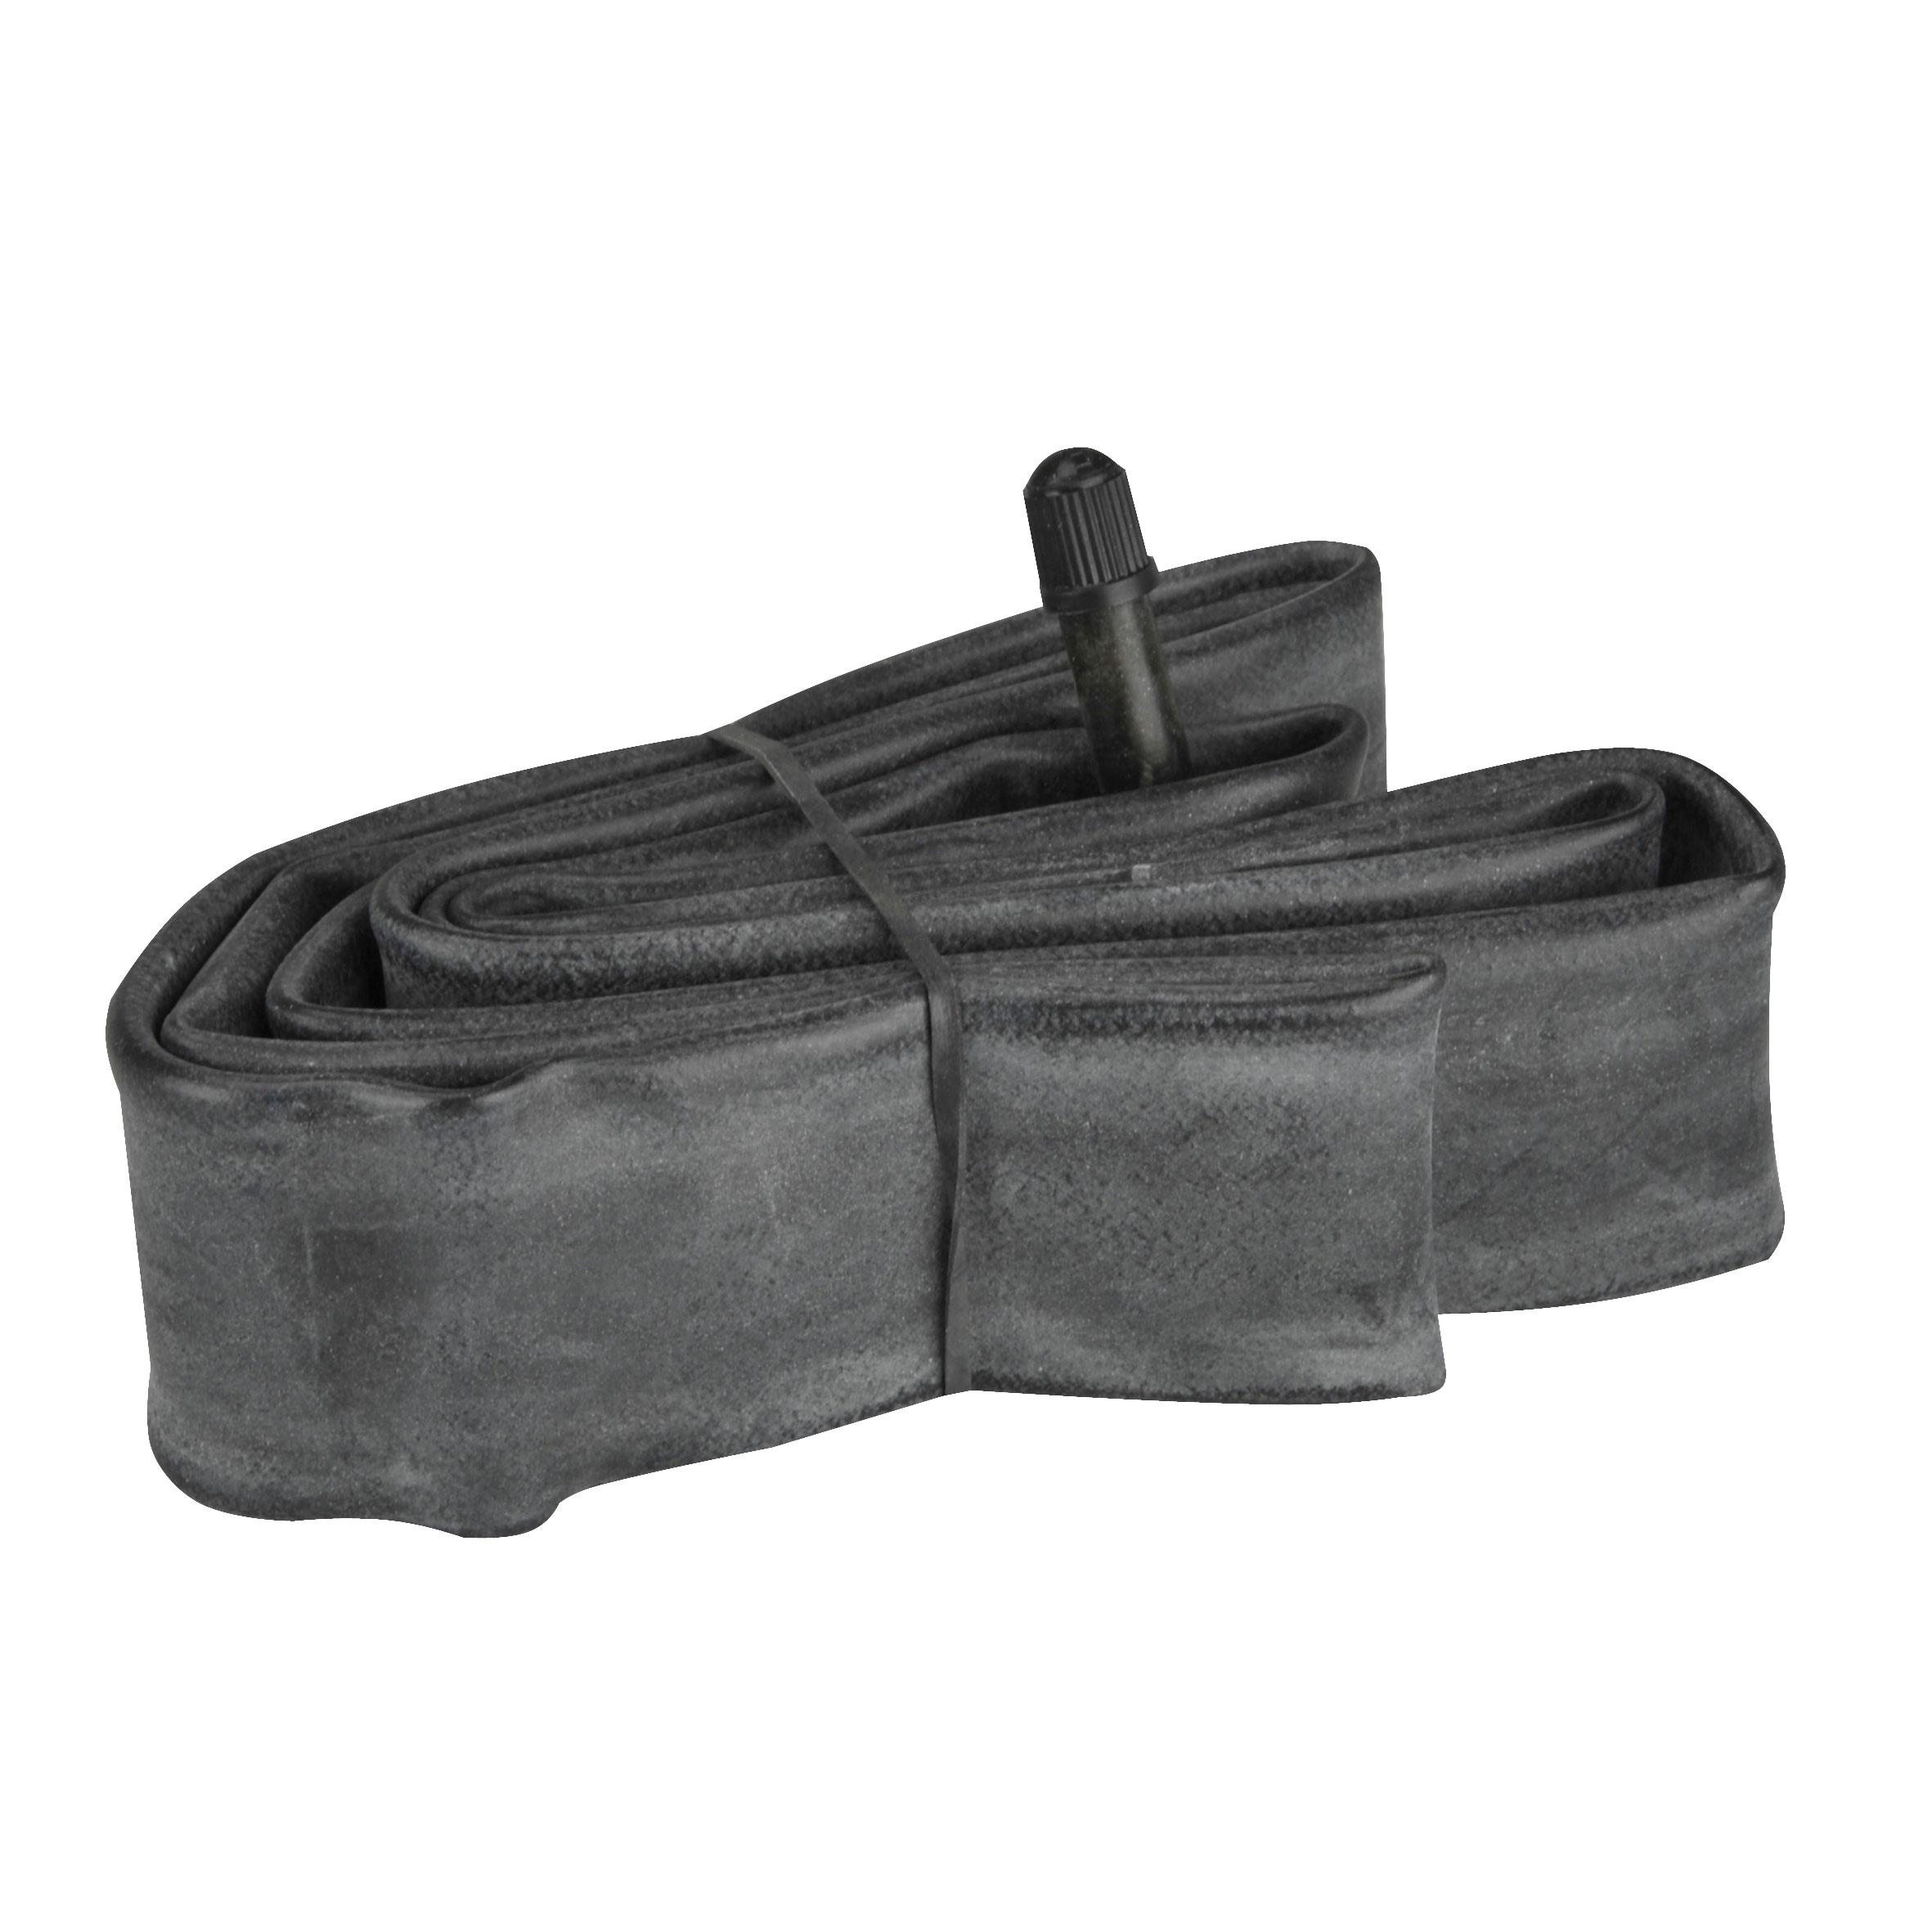 fischer fahrrad schlauch pannenstopp mit auto ventil 20x1. Black Bedroom Furniture Sets. Home Design Ideas